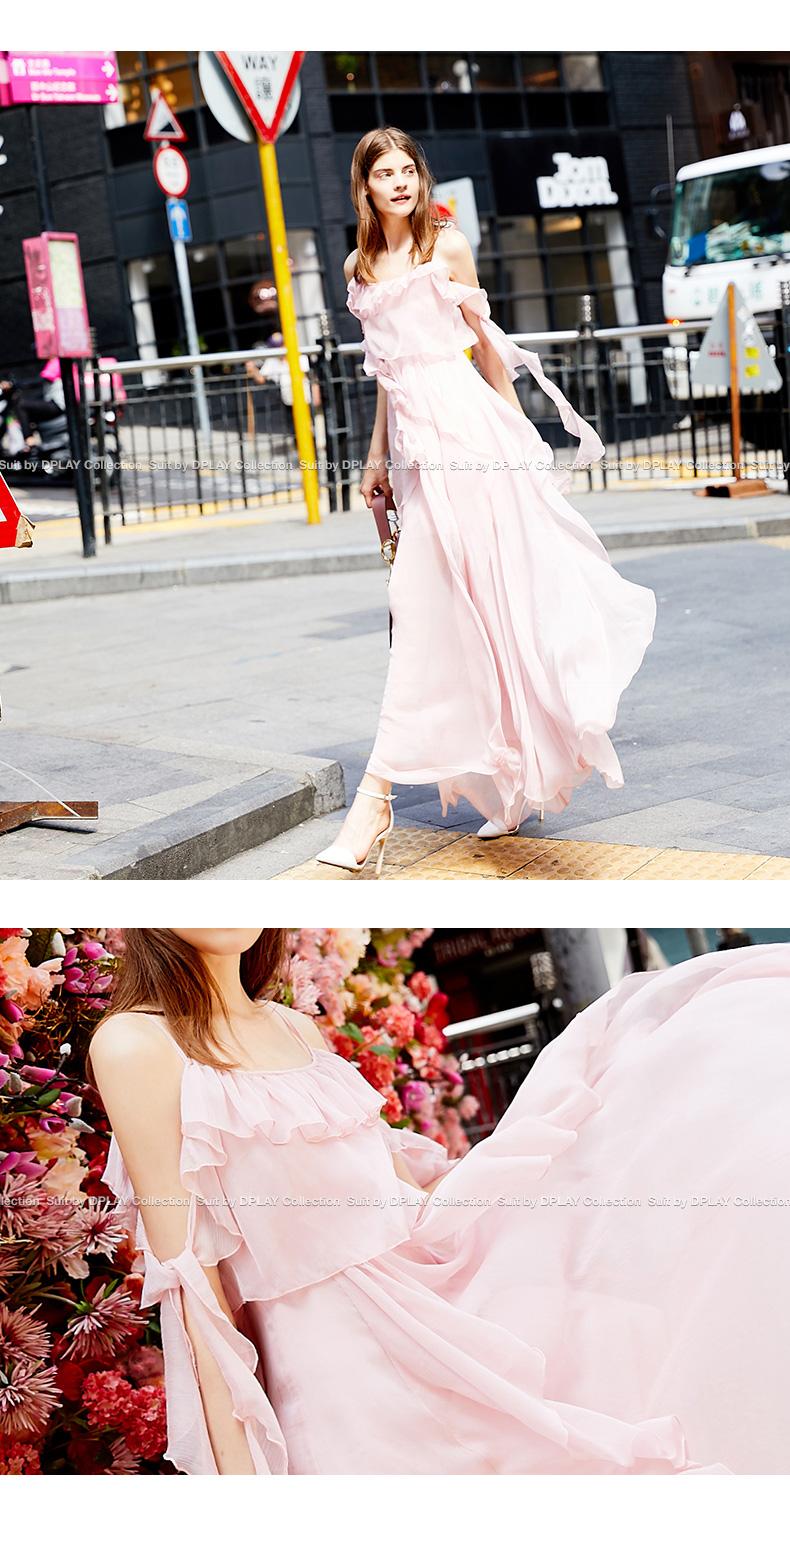 DPLAY Depala 2018 Mùa Hè Mới Hồng Sling Xù Arm Banded Voan Váy chic Dress